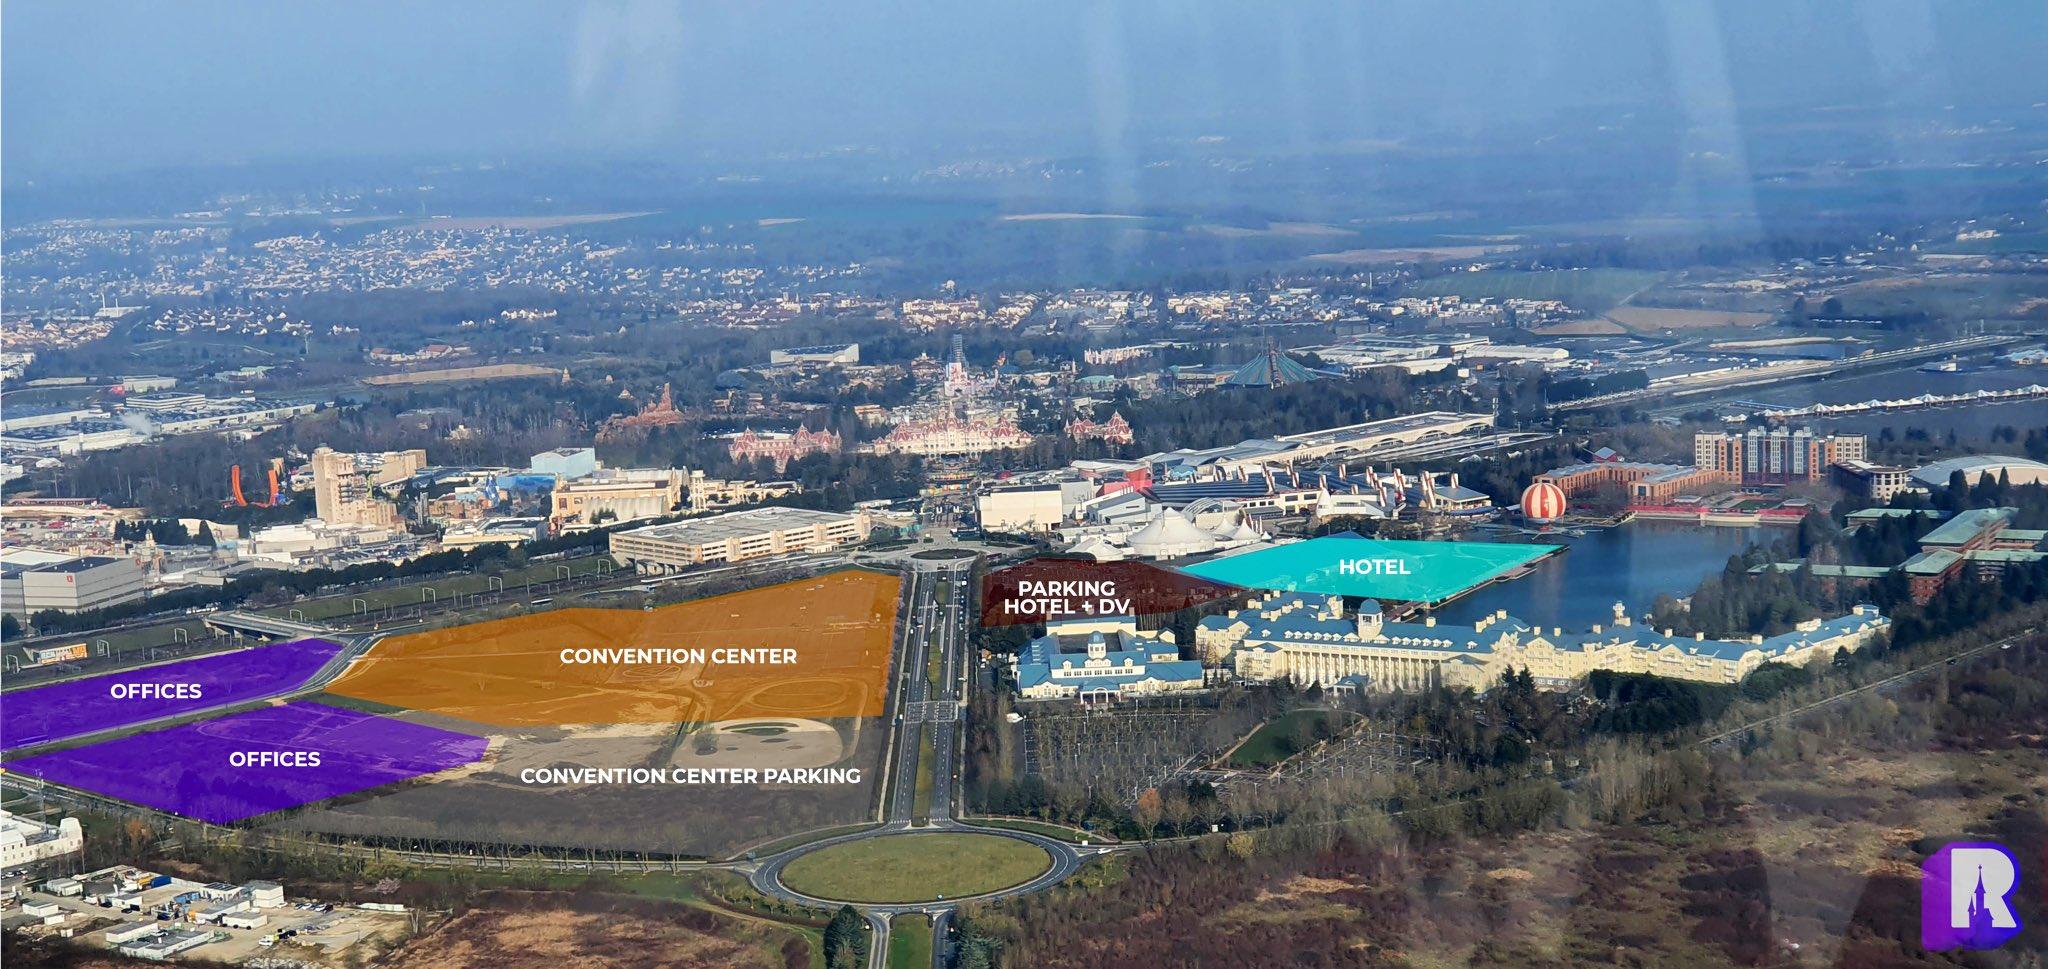 Esplanade : Nouvel Aménagement entre les Parcs, la Gare et DV - Page 29 EwDnsuQWYAEVCuN?format=jpg&name=large